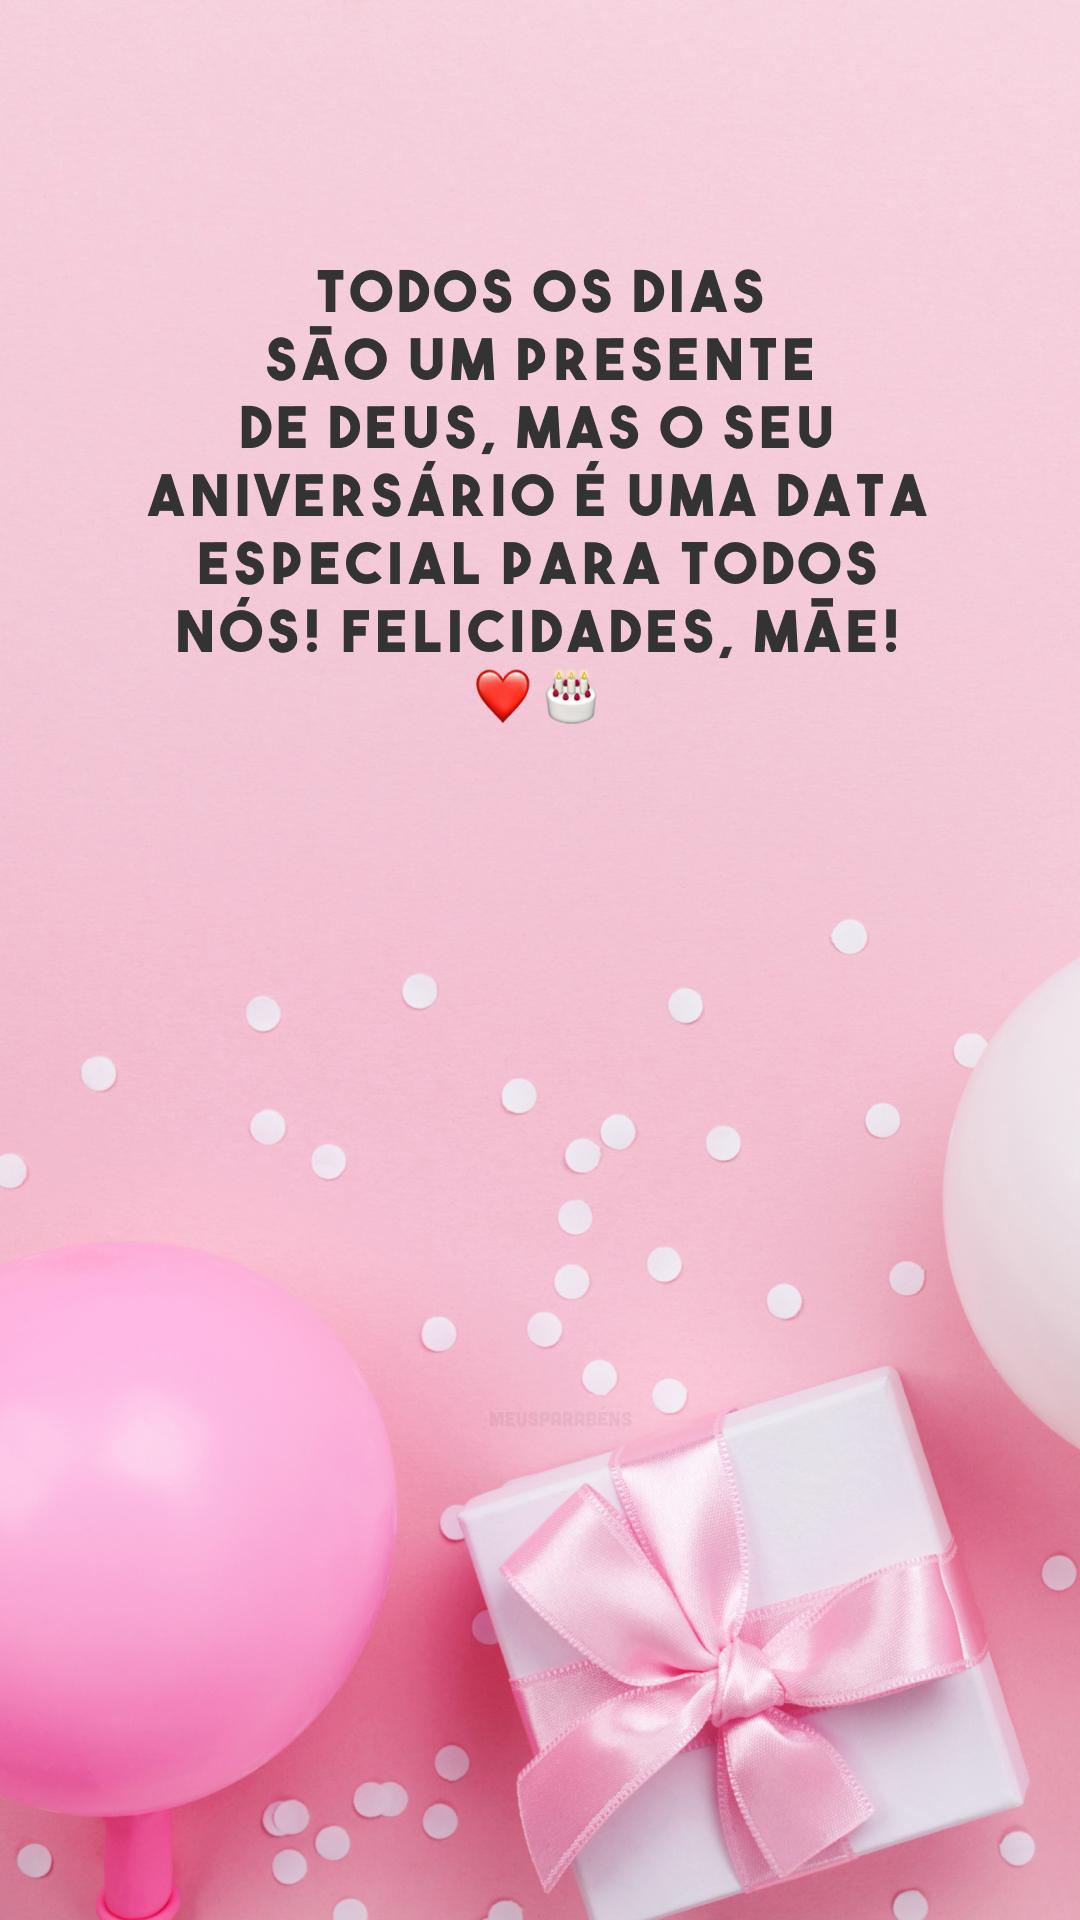 Todos os dias são um presente de Deus, mas o seu aniversário é uma data especial para todos nós! Felicidades, mãe! ❤️🎂